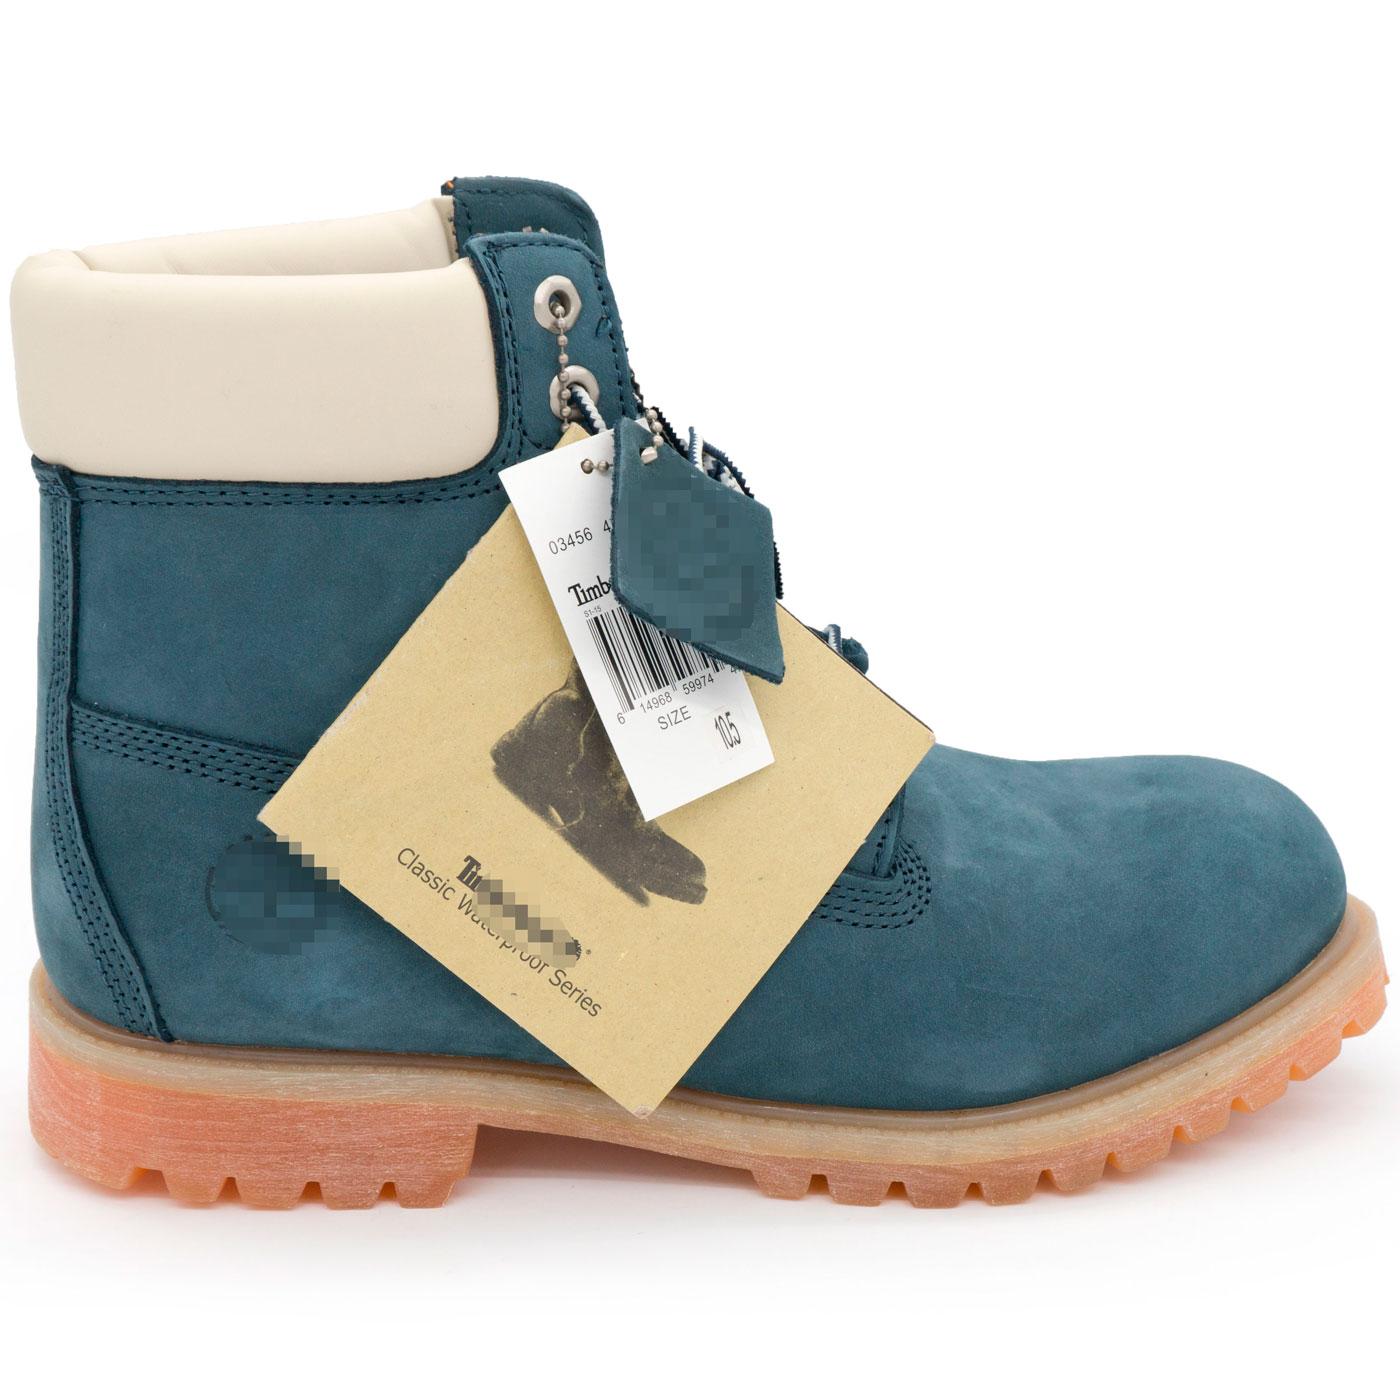 фото main Ботинки Тимберленд синие 26578 - Реплика Топ качества! main